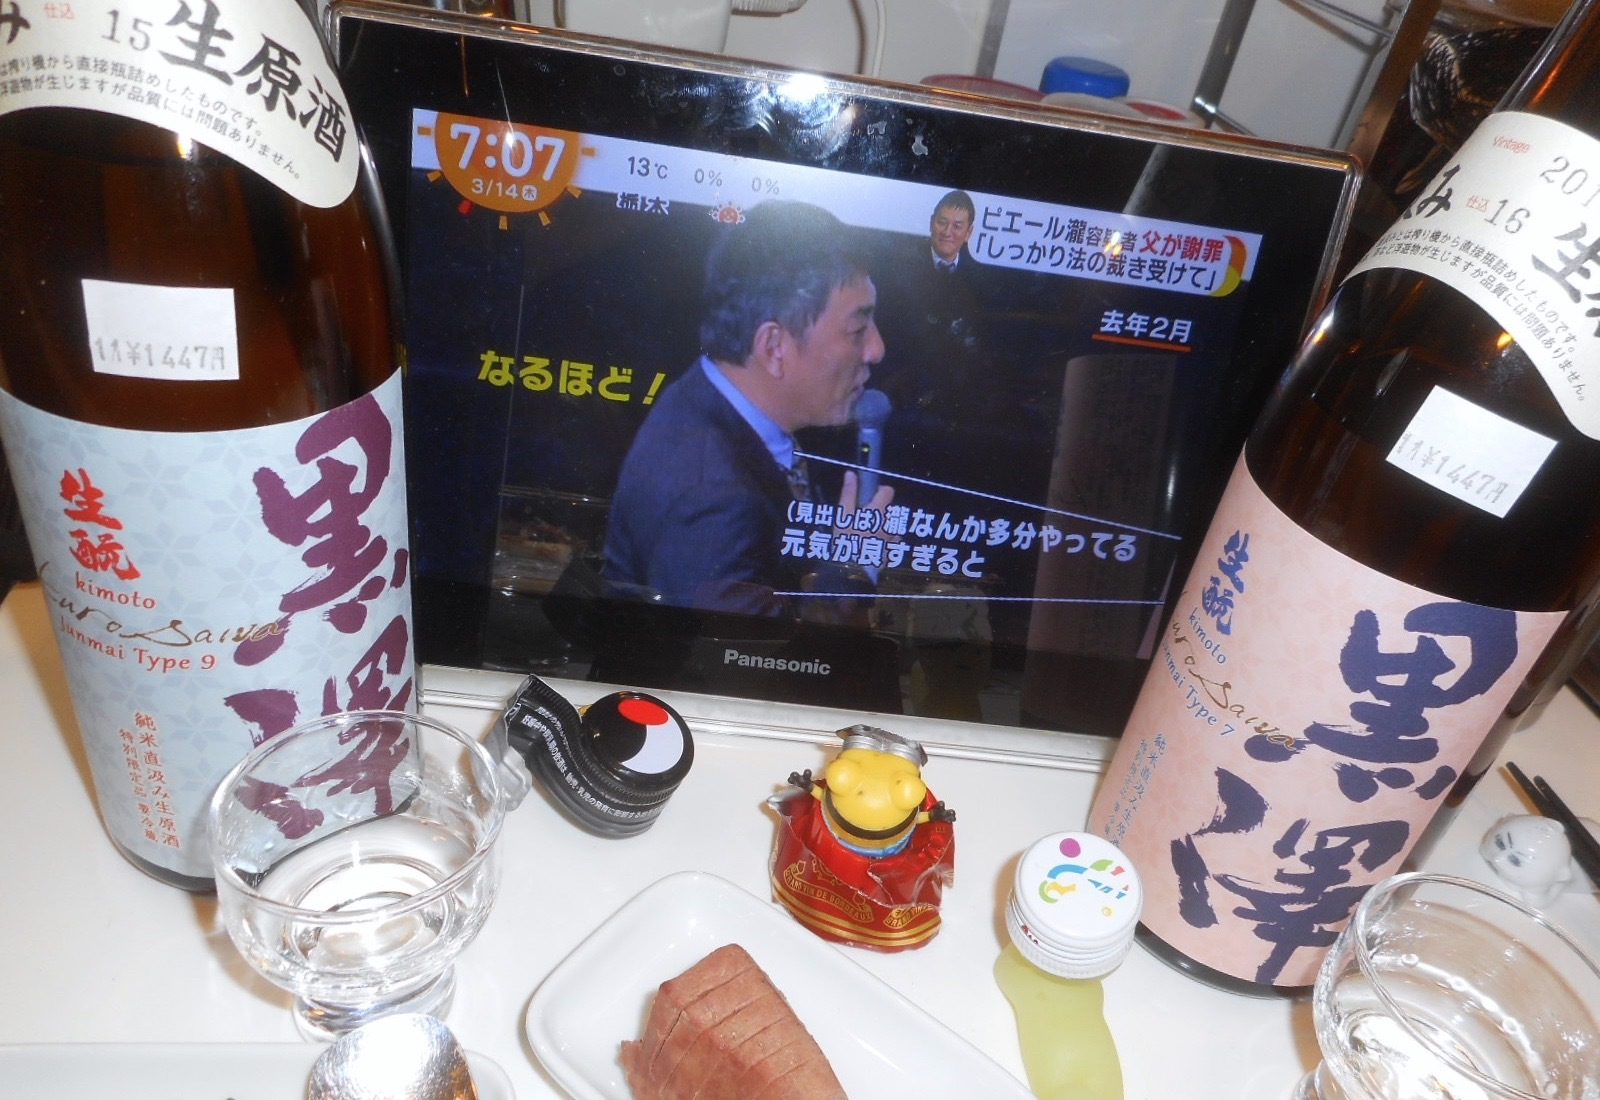 kurosawa_type9_30by1_5.jpg